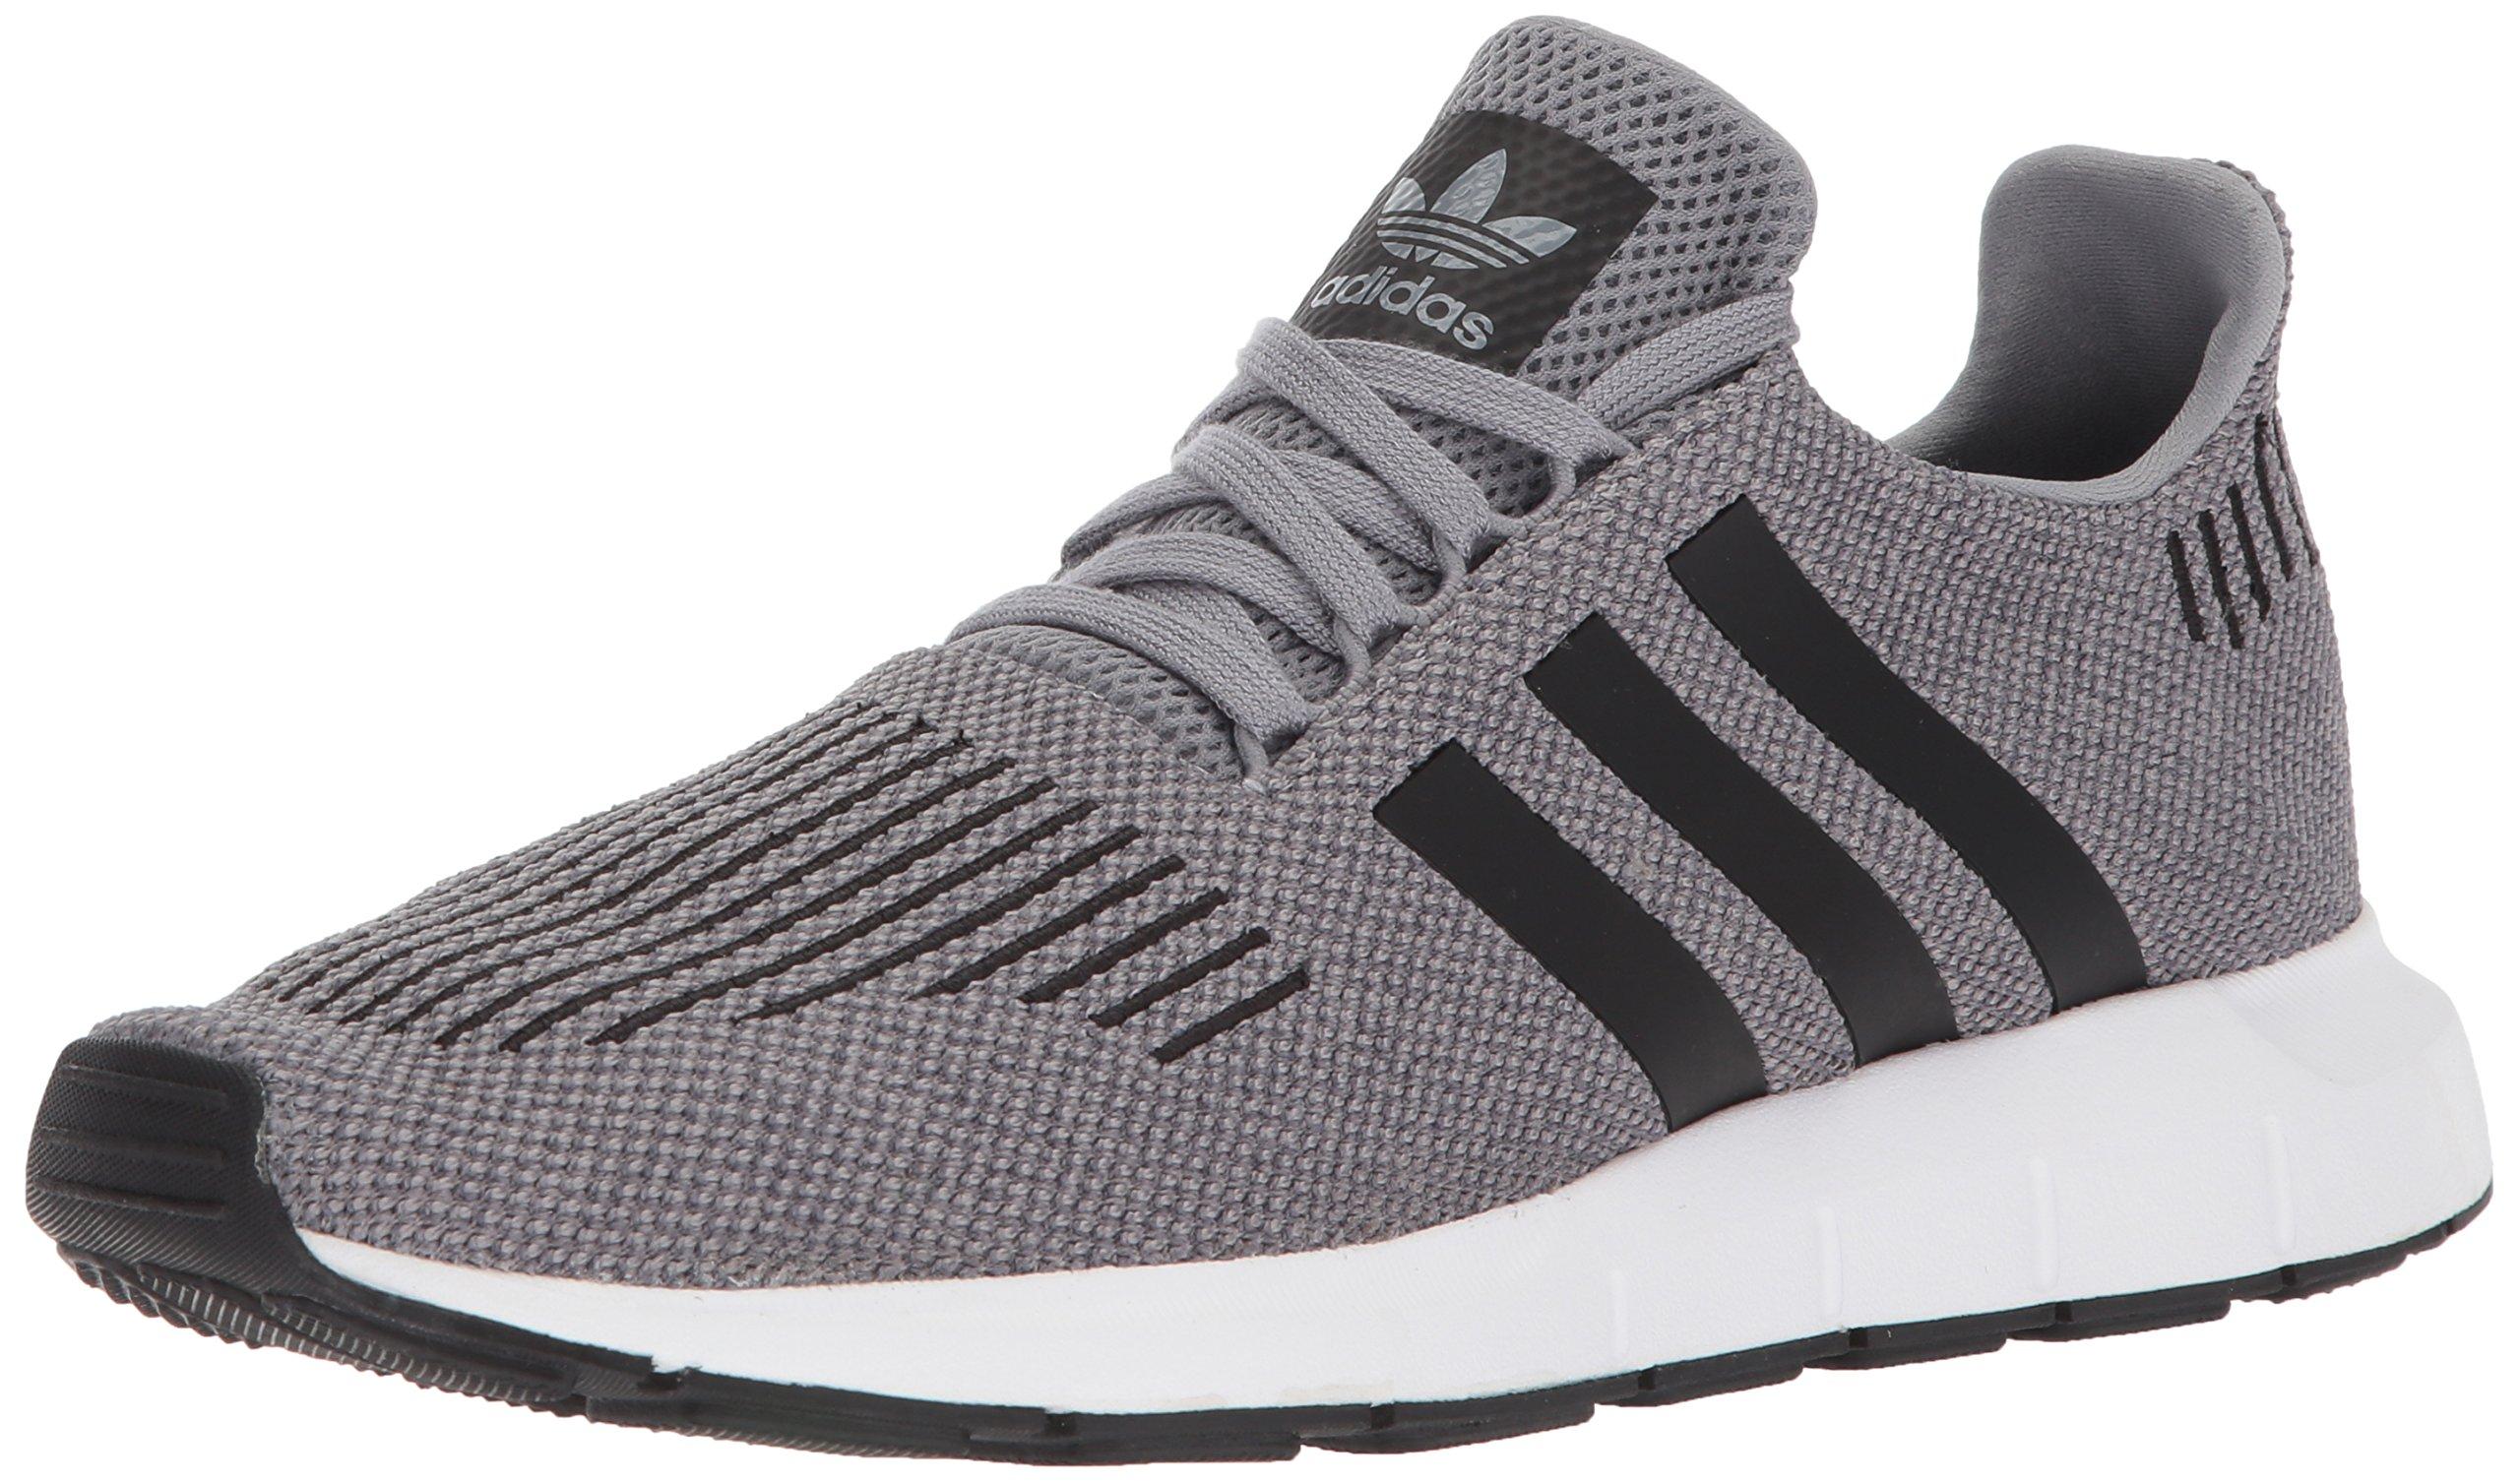 fa42f82475d22 adidas Originals Men s SWIFT RUN Shoes